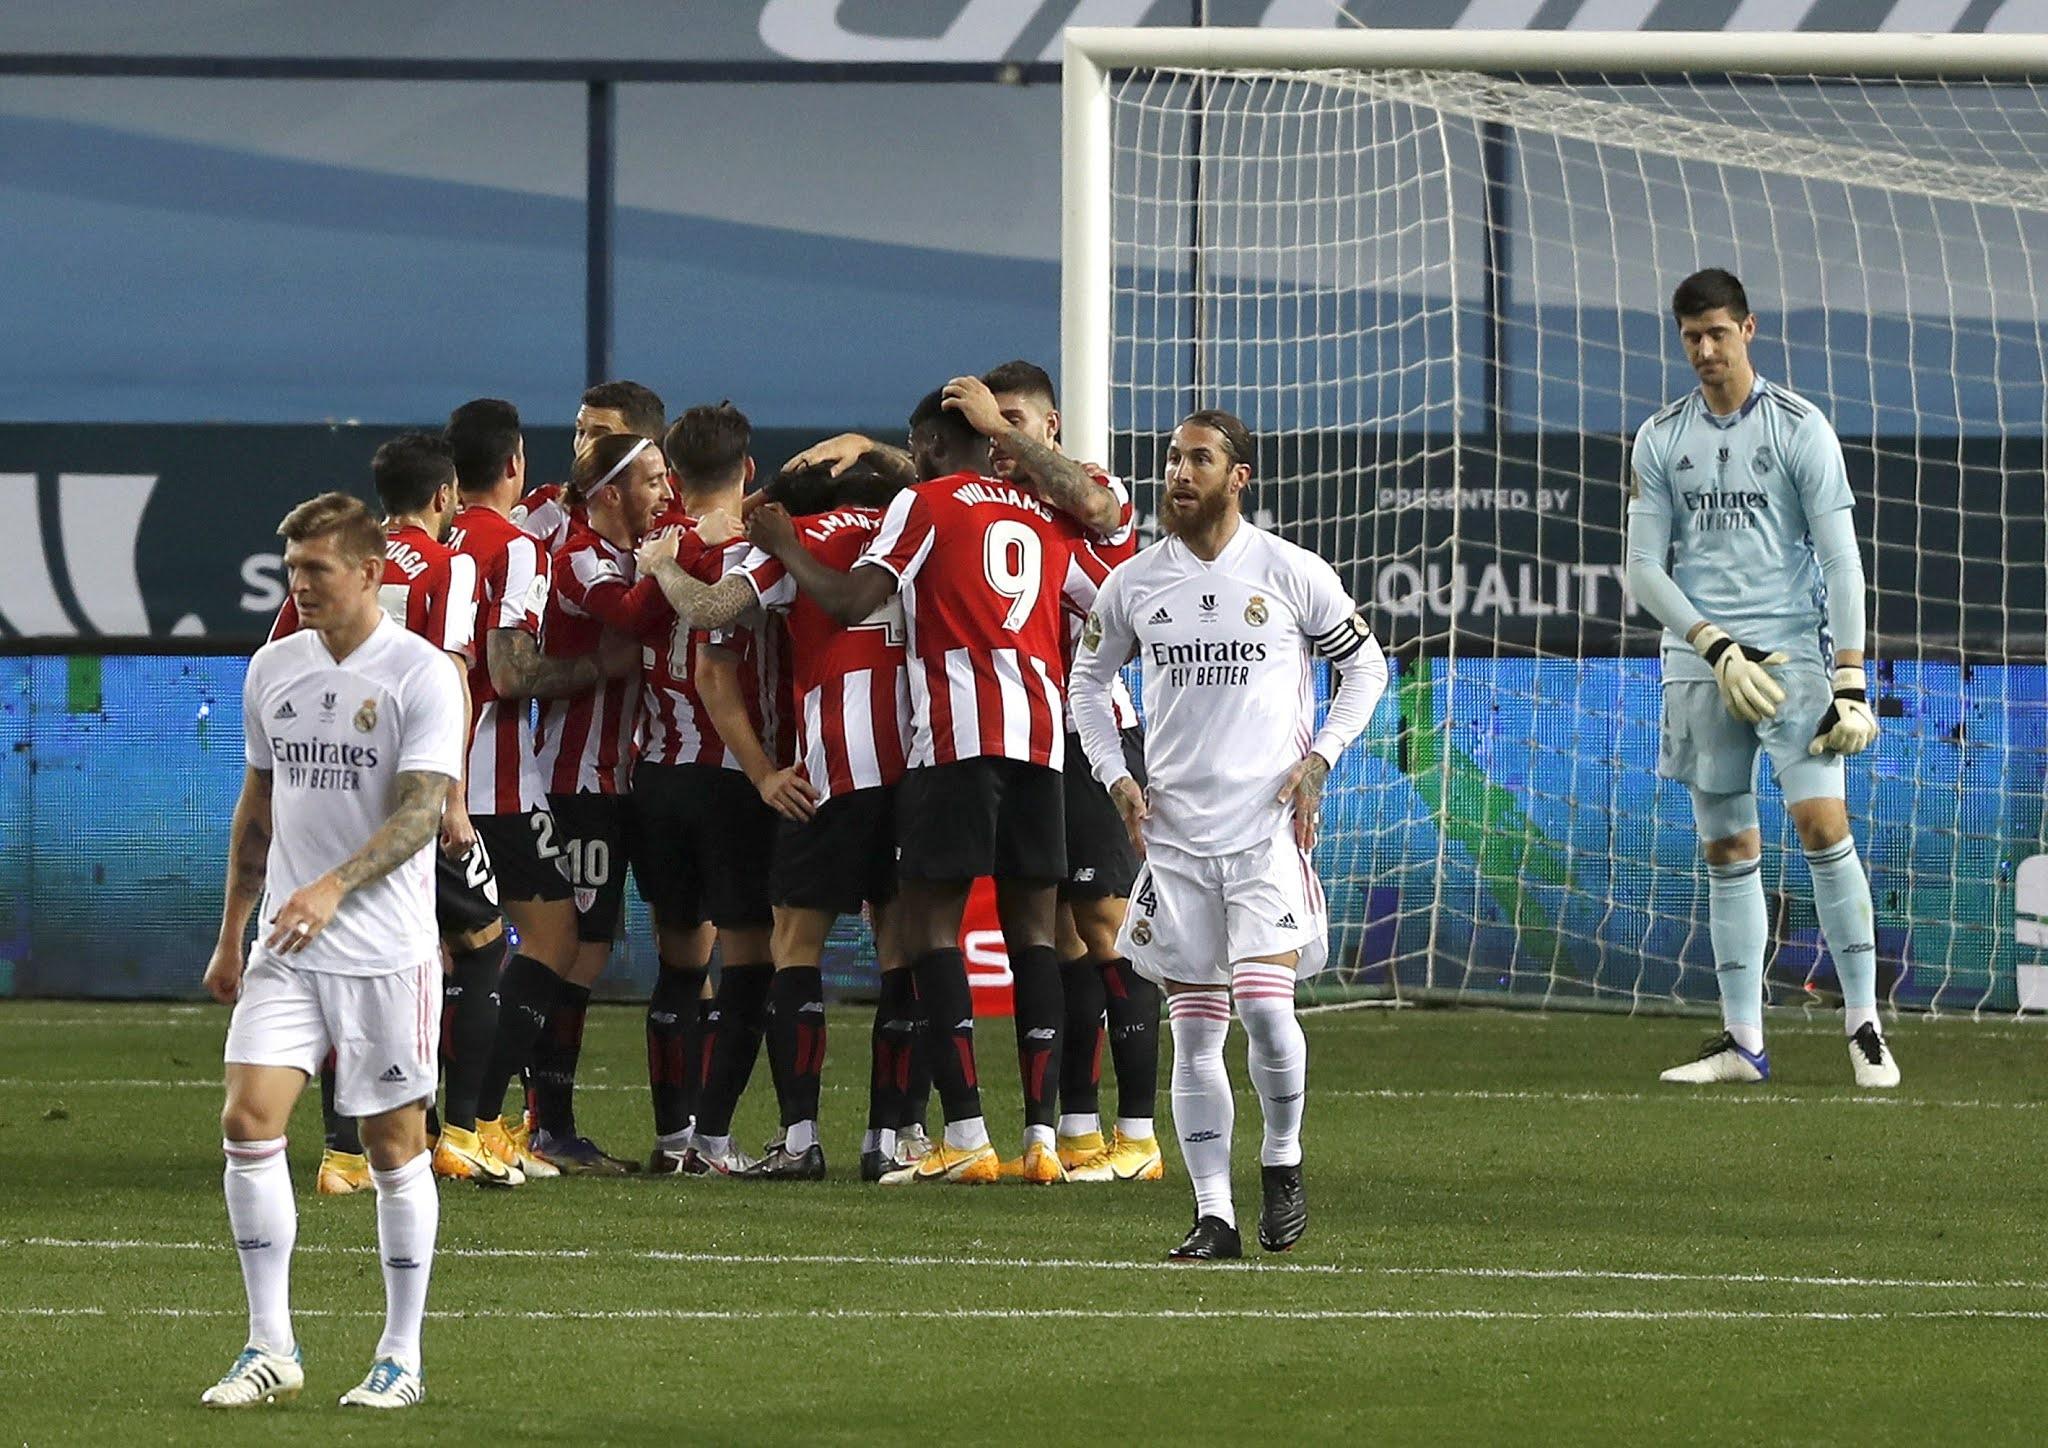 Athletic de Bilbao venció a Real Madrid y jugará la final contra Barcelona